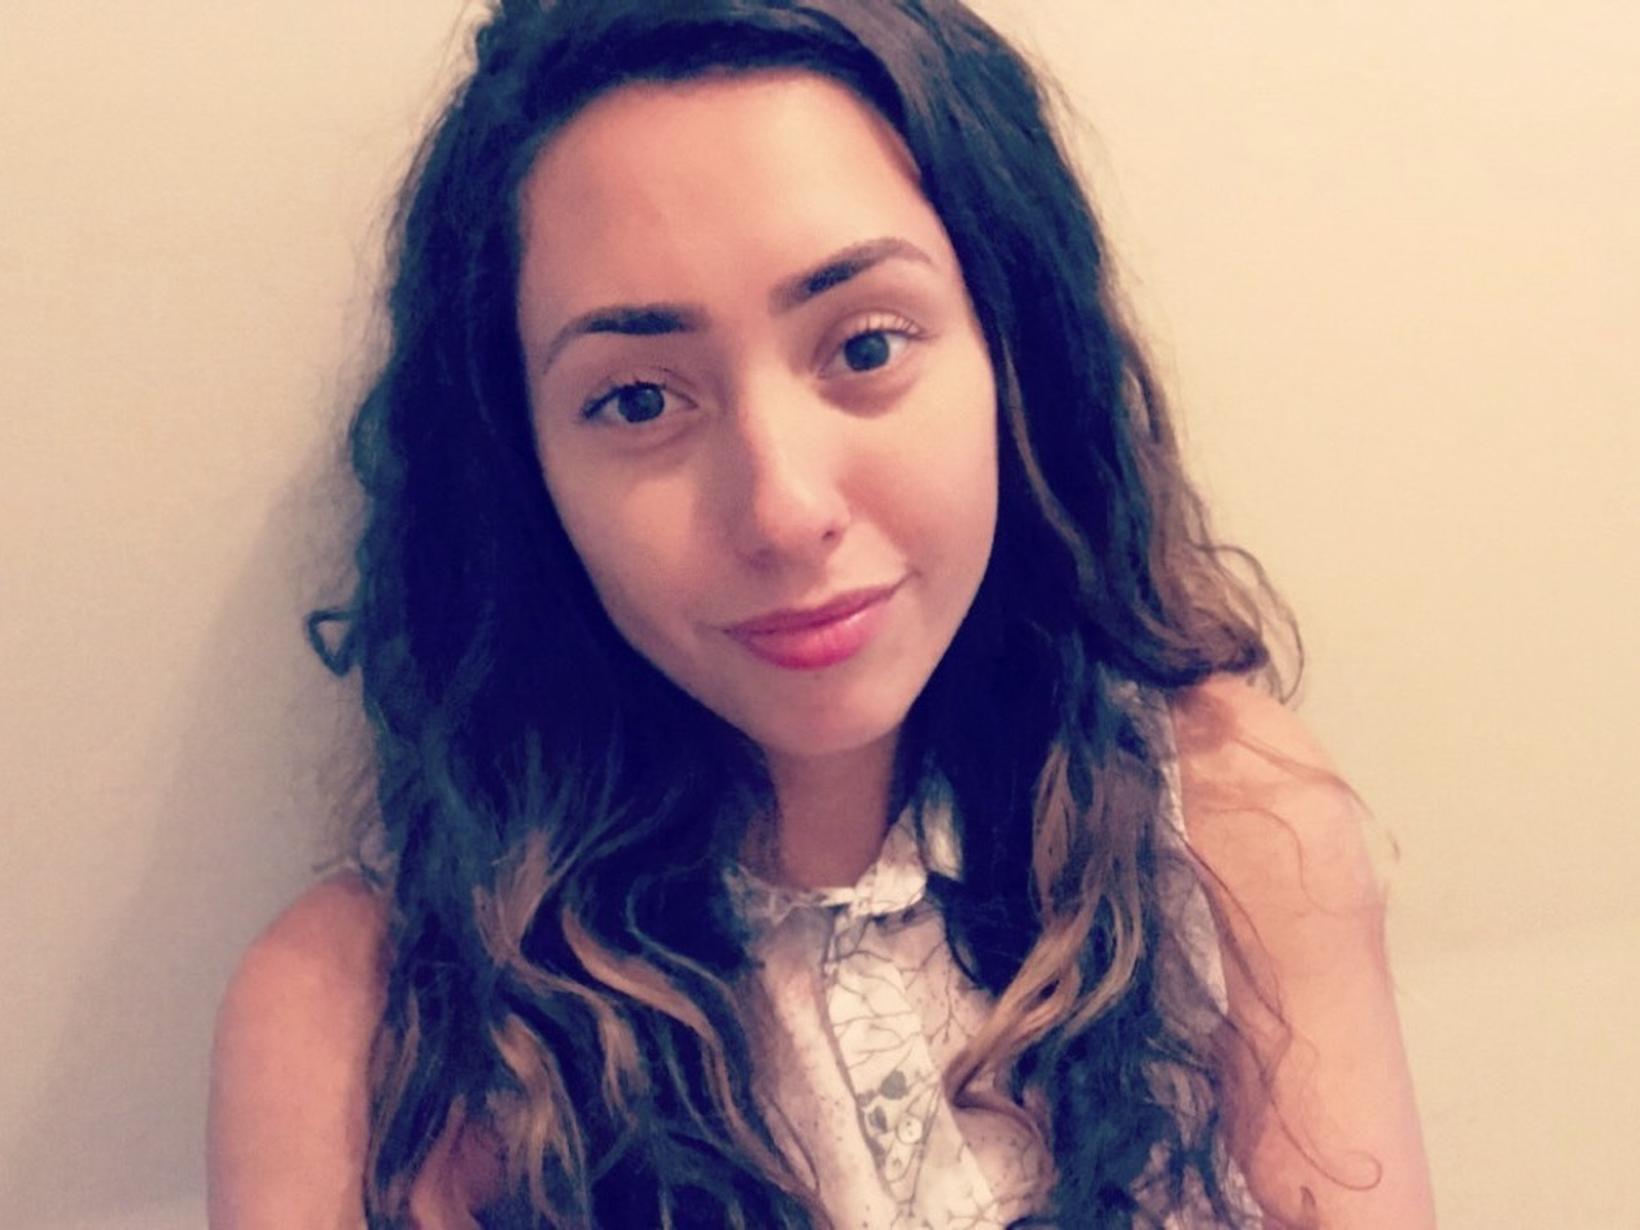 Sandra from Toronto, Ontario, Canada